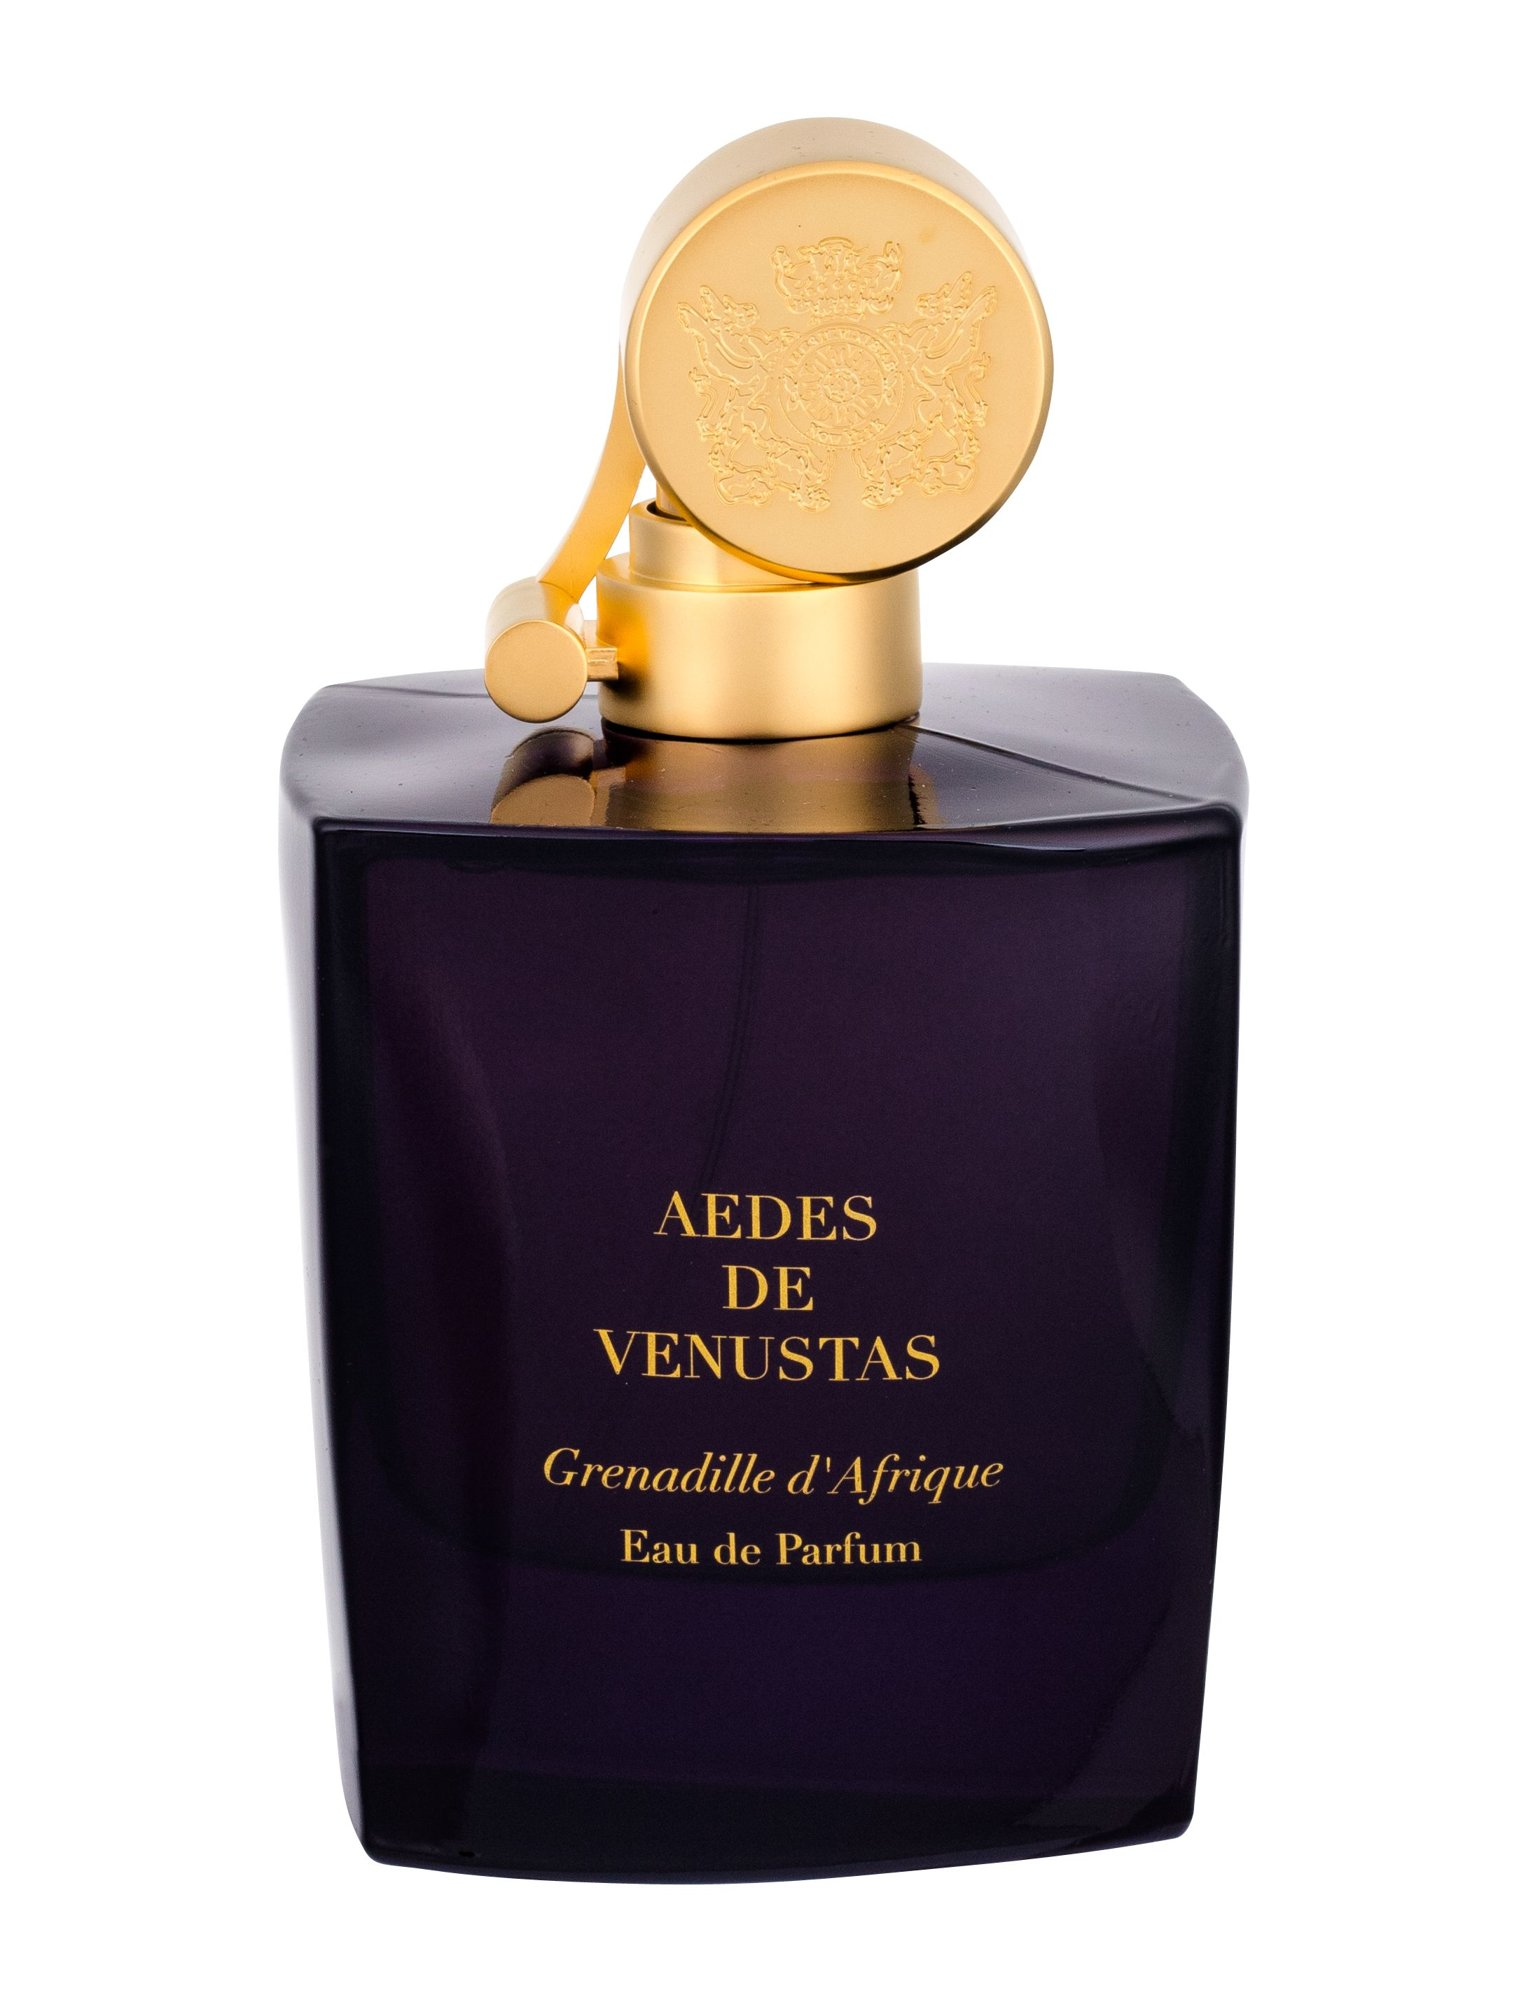 Aedes de Venustas Grenadille d´Afrique Eau de Parfum 100ml